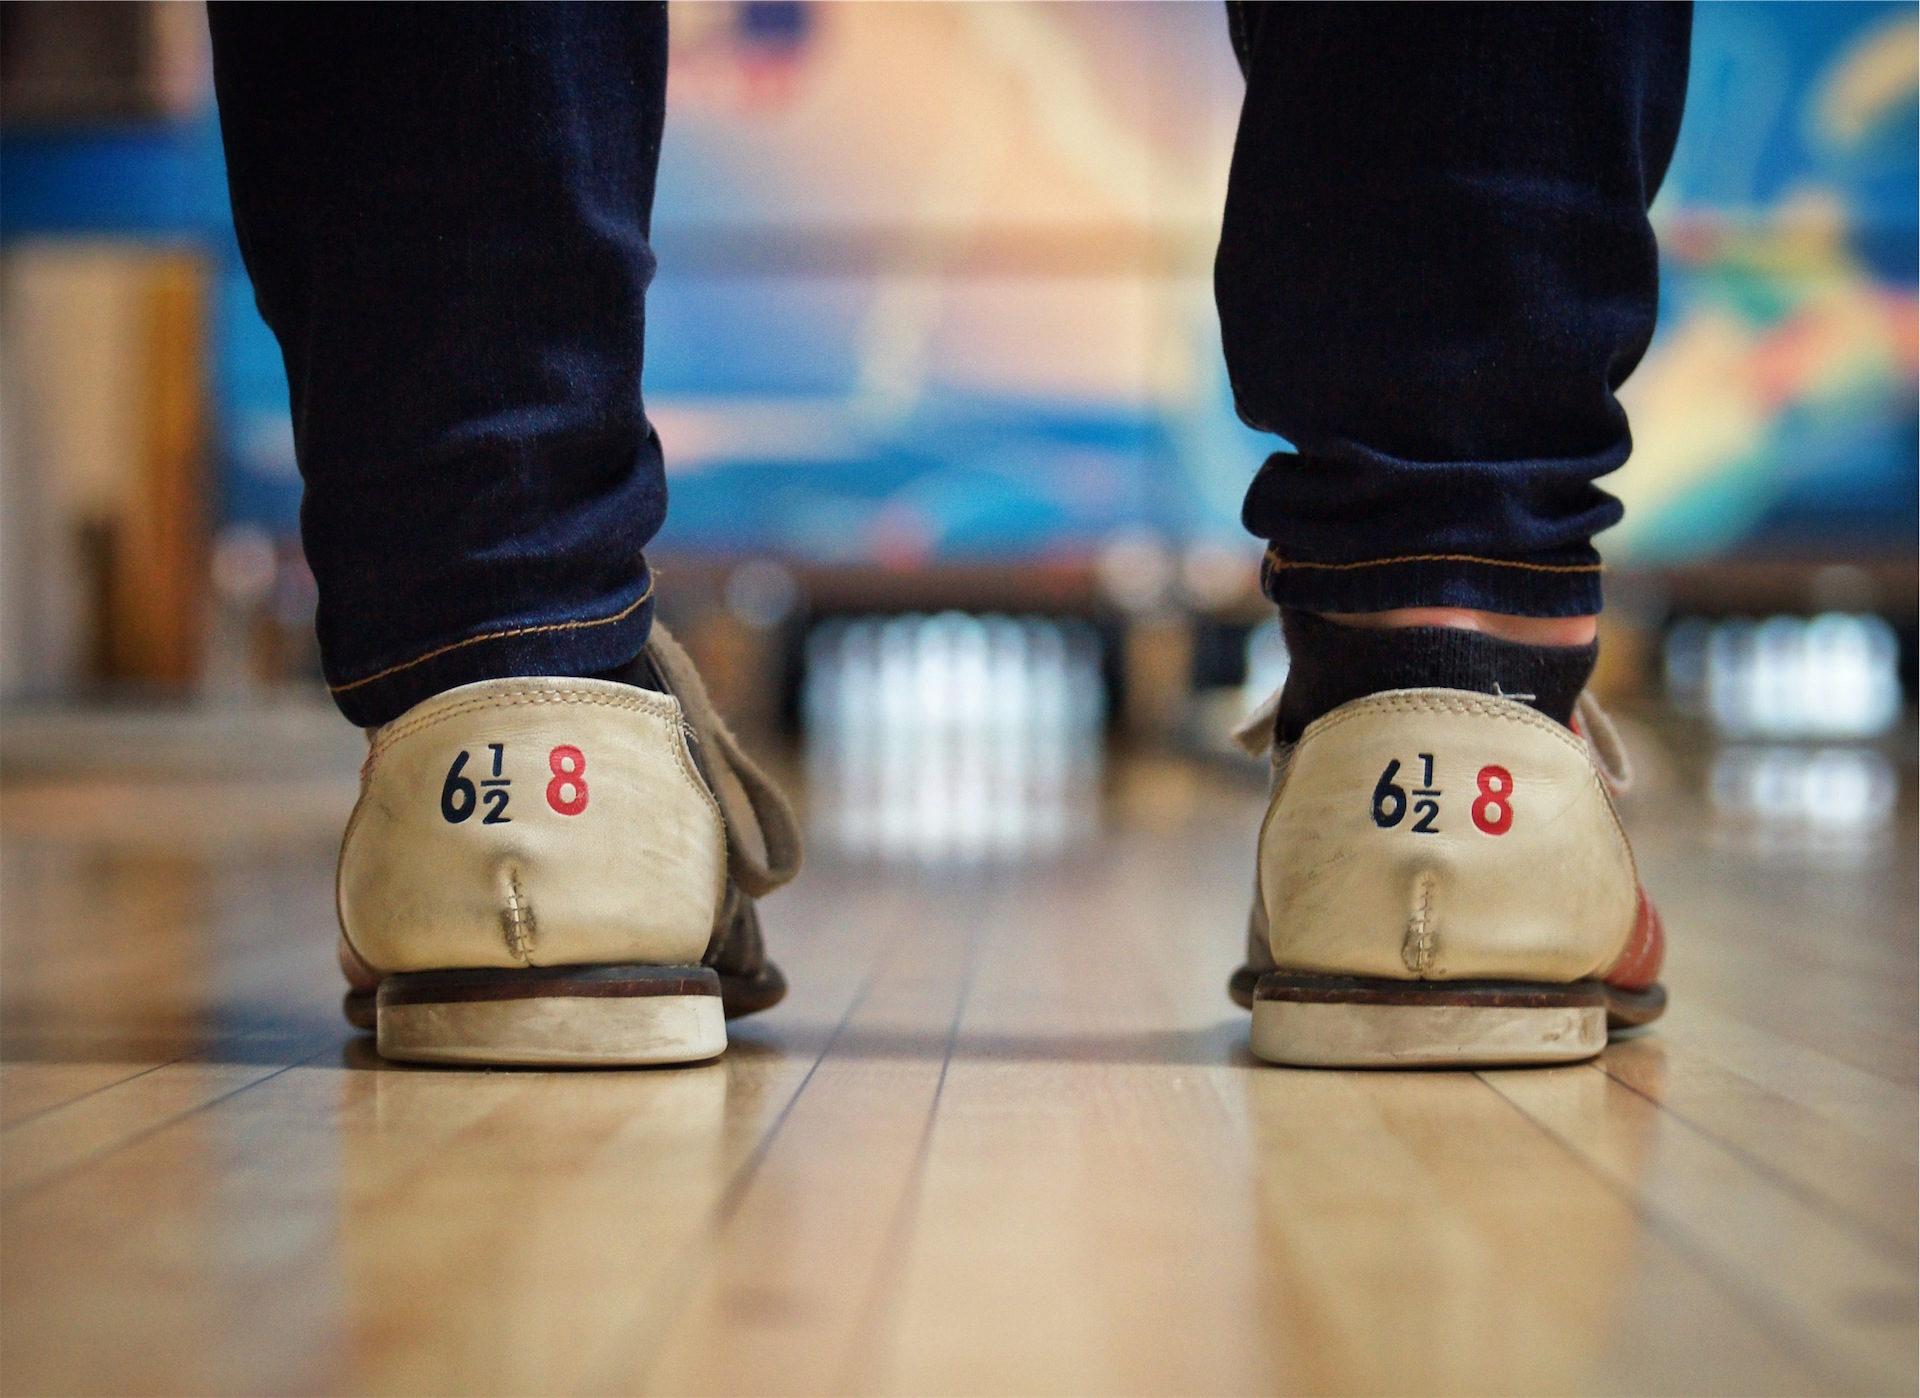 Schuhe, Kegelbahn, Bowling, Spiel, Beine - Wallpaper HD - Prof.-falken.com